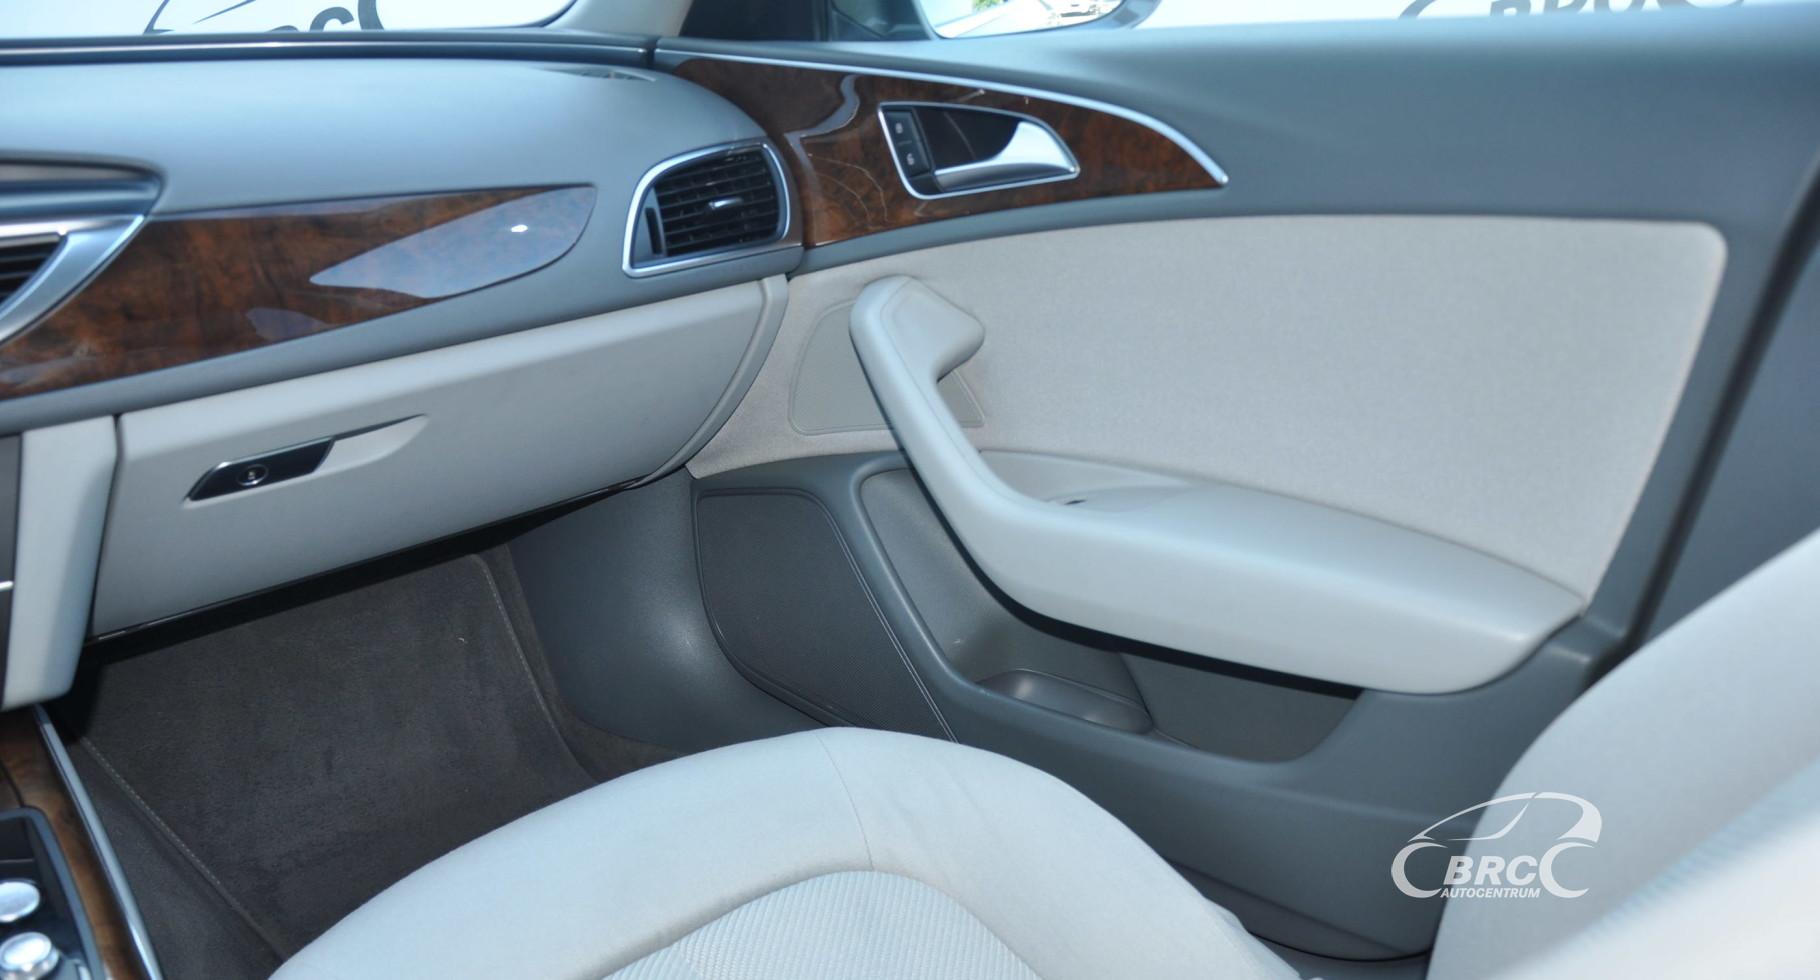 Audi A6 3.0 TDI Automatas